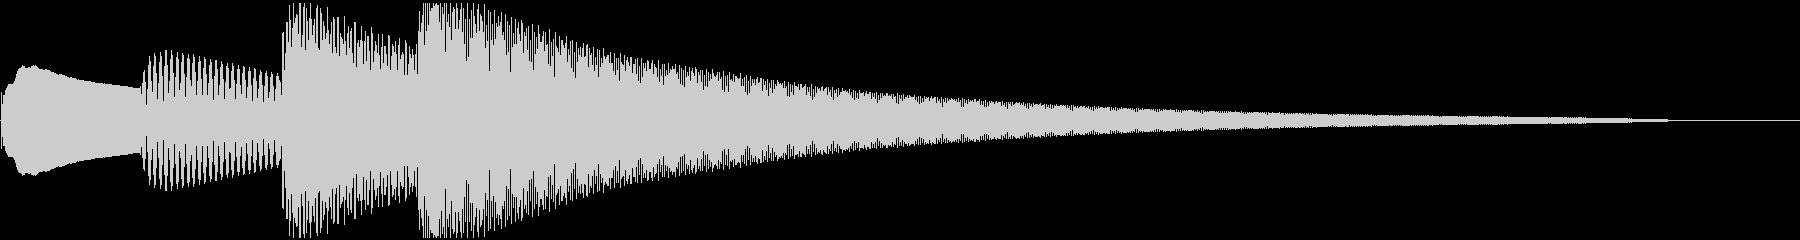 ピンポンパンポン(悲報入り)の未再生の波形